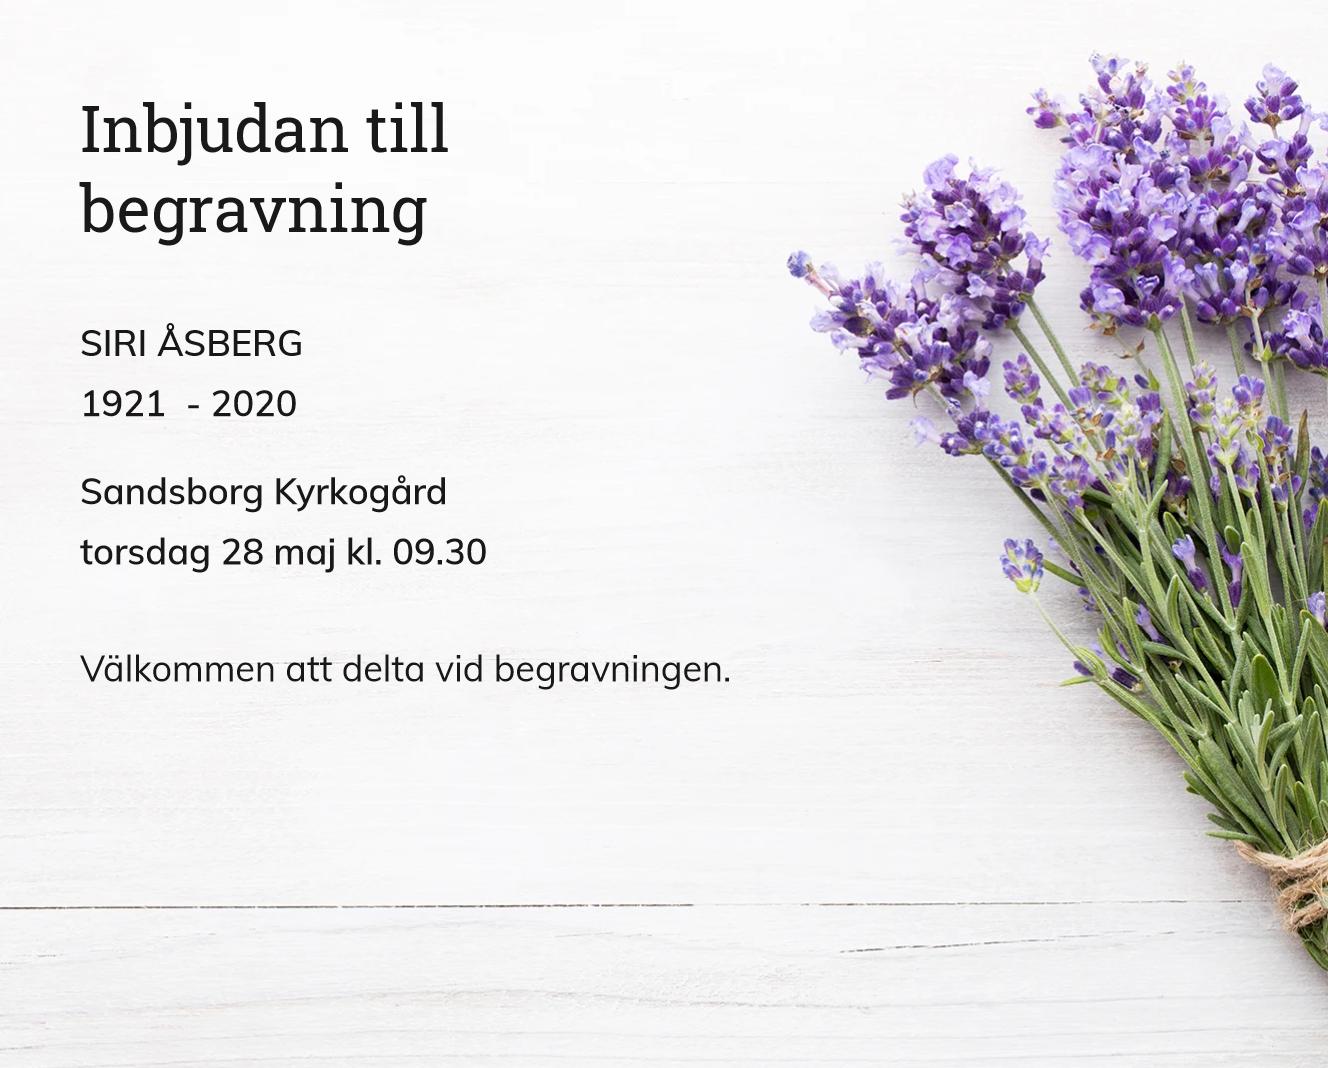 Inbjudningskort till ceremonin för SIRI ÅSBERG